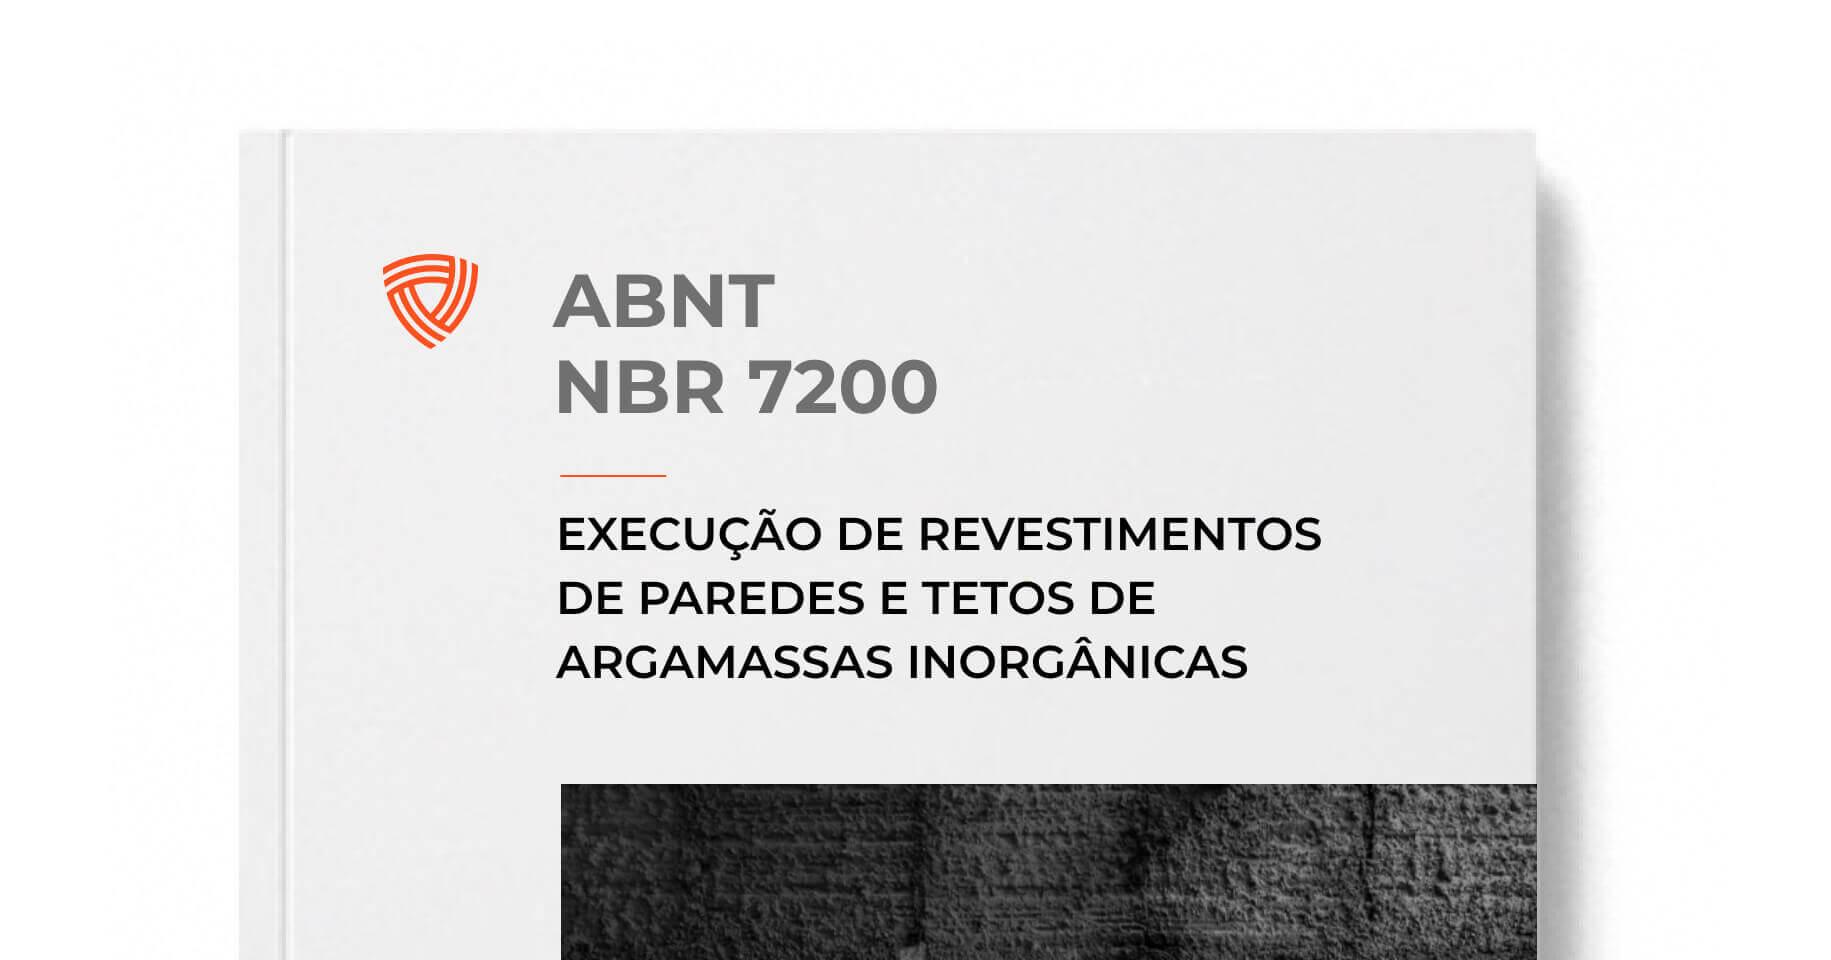 ABNT NBR 7200 - Execução de revestimento de paredes e tetos de argamassas inorgânicas - Procedimento